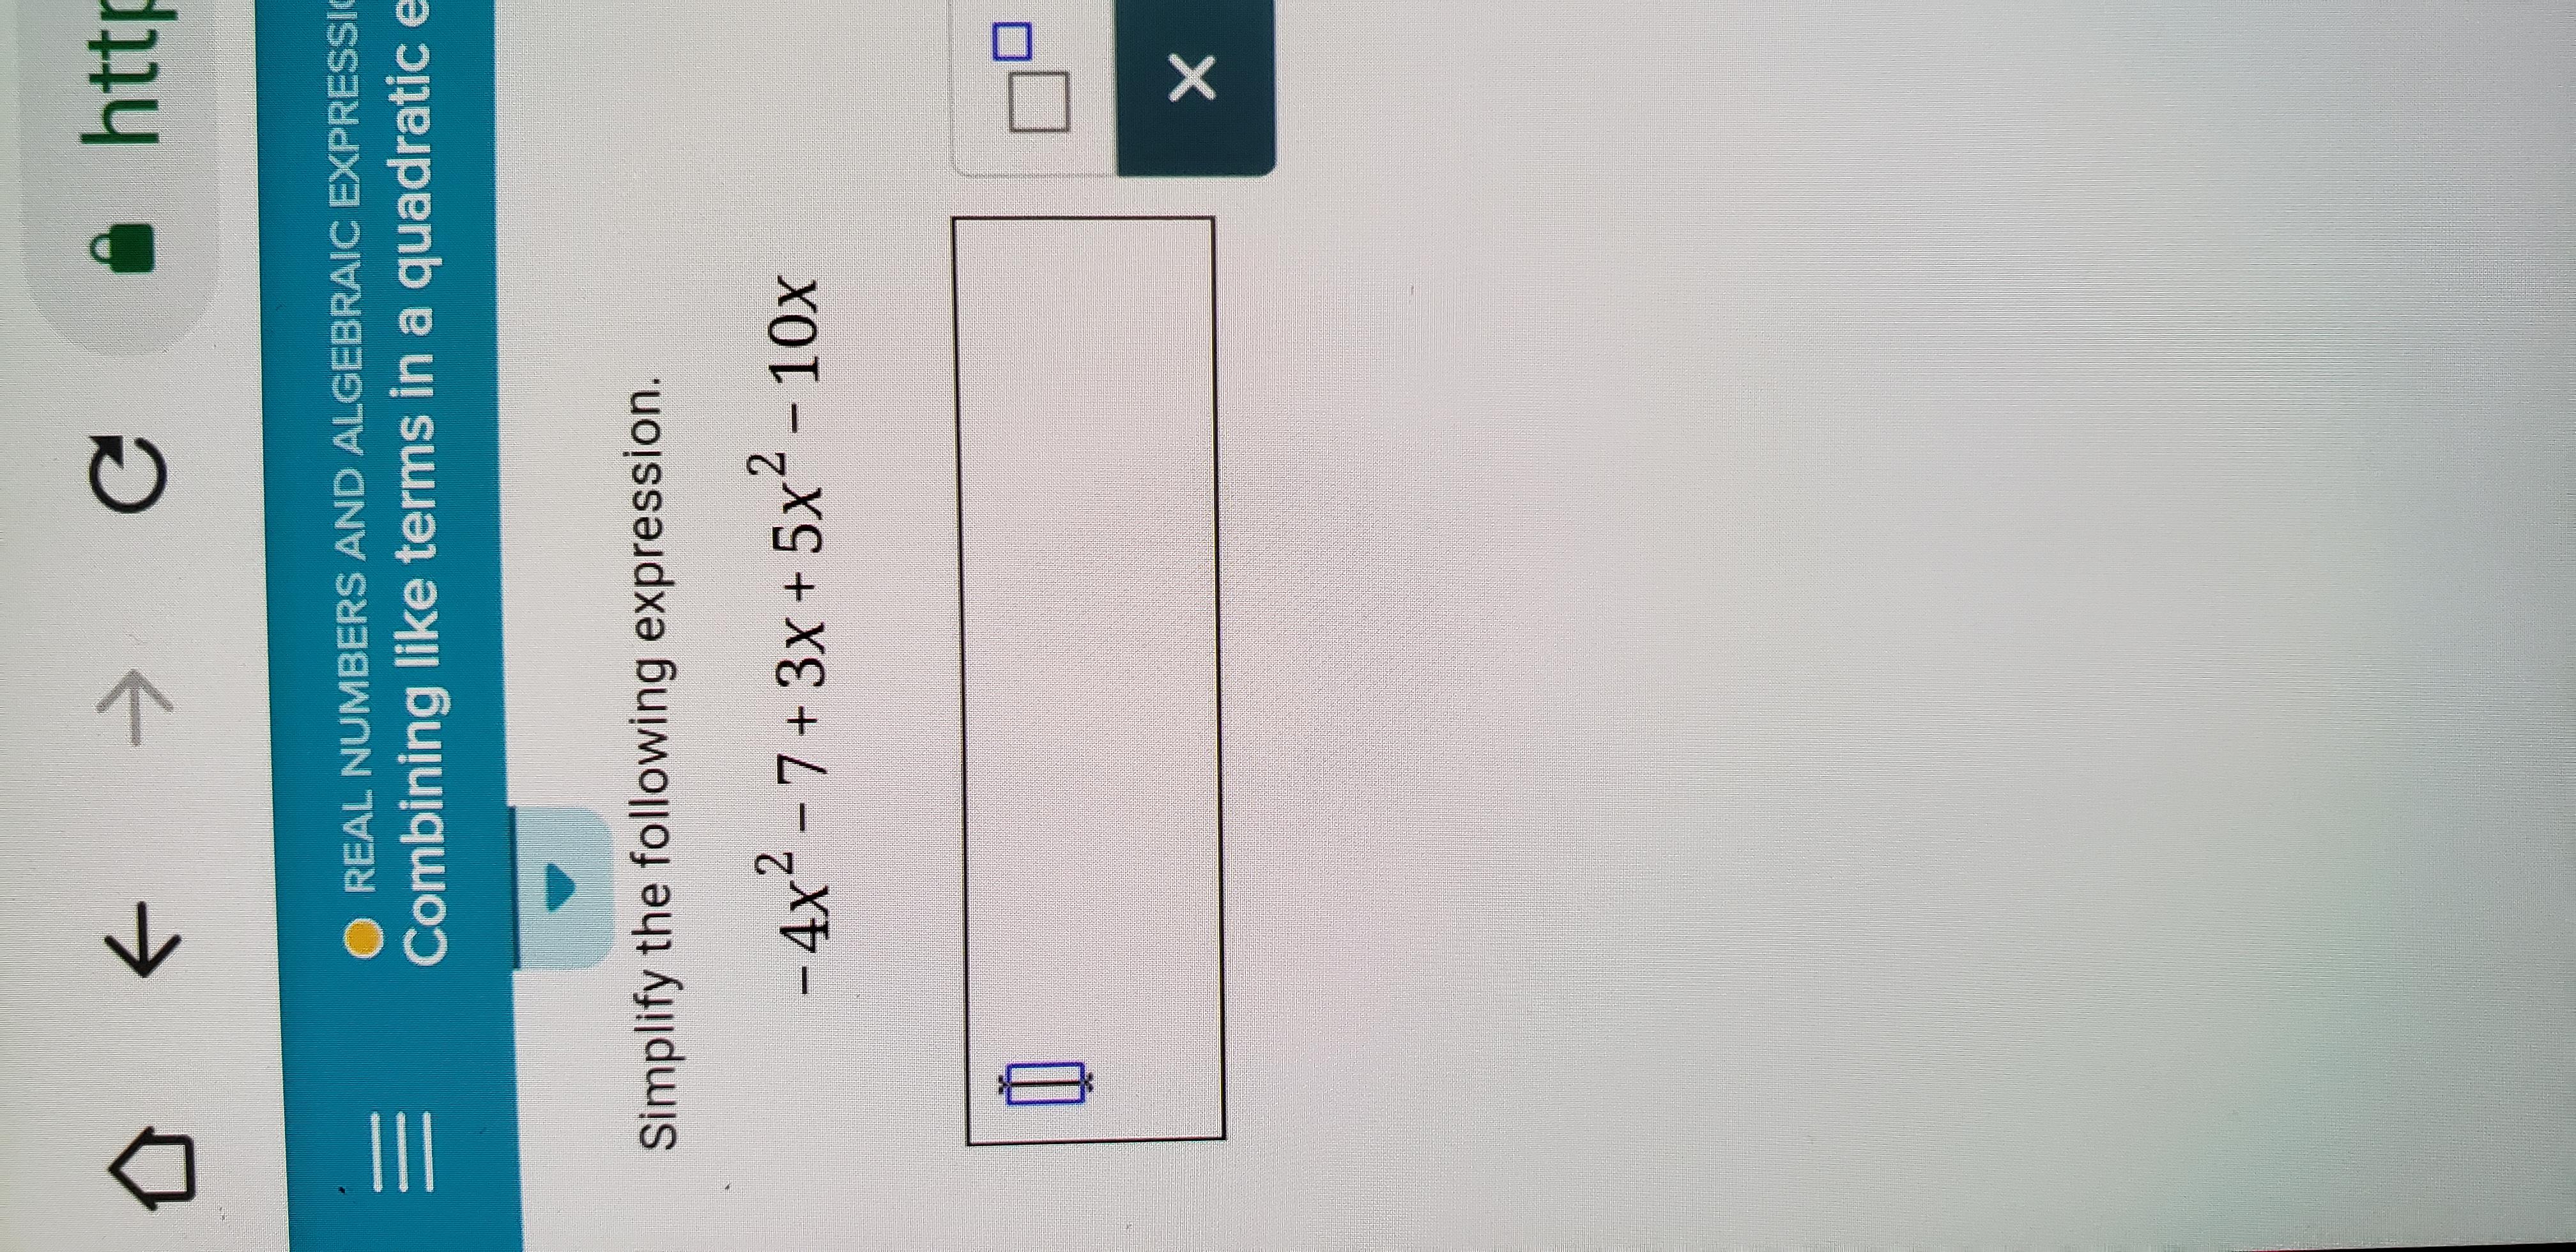 公←→ -O REAL NUMBERS AND ALGEBRAIC EXPRESSİ Combining like terms in a quadratic e Simplify the following expression. -4x2 -7+3x +5x2 -10x